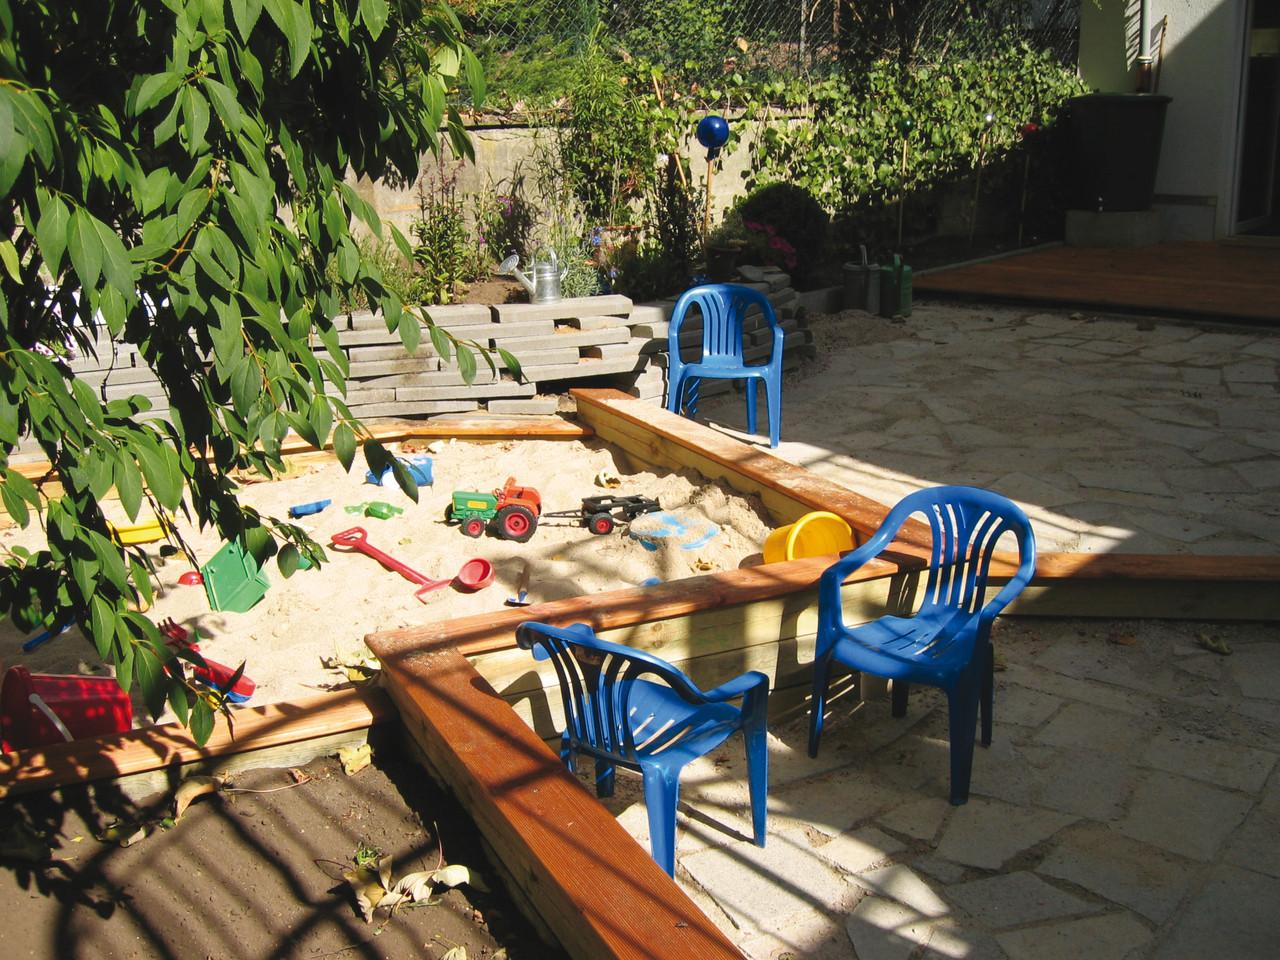 kita kindergarten und tagesmutter in eimsb ttel stellen sich vor kitaplatzb rse hamburg zeigt. Black Bedroom Furniture Sets. Home Design Ideas